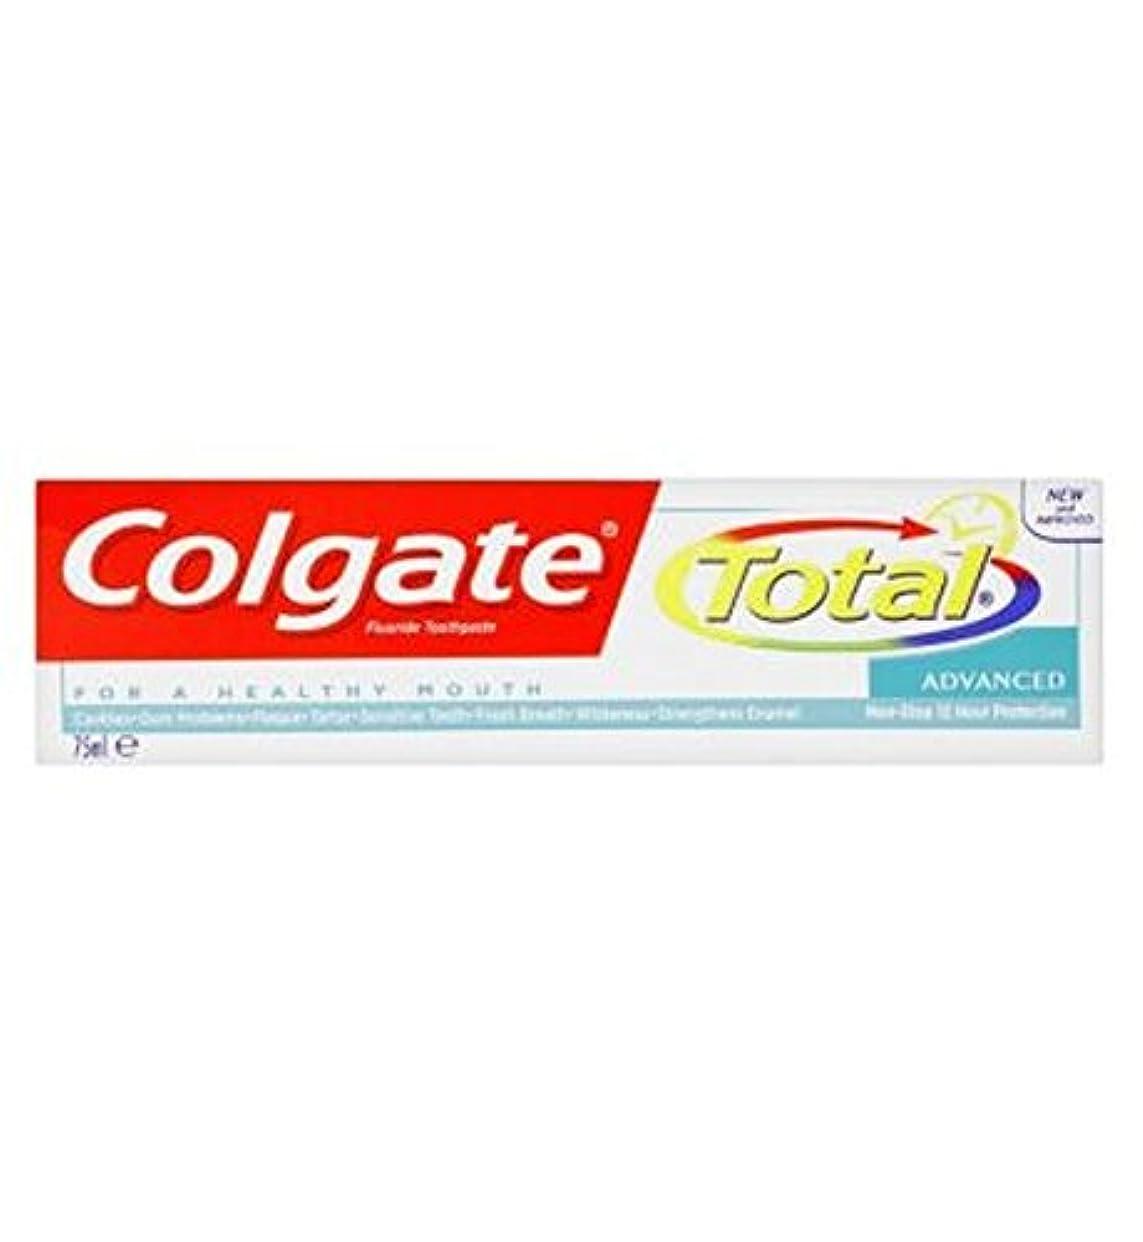 みぞれフィットネス明るいColgate Total Advanced toothpaste 75ml - コルゲートトータル高度な歯磨き粉75ミリリットル (Colgate) [並行輸入品]